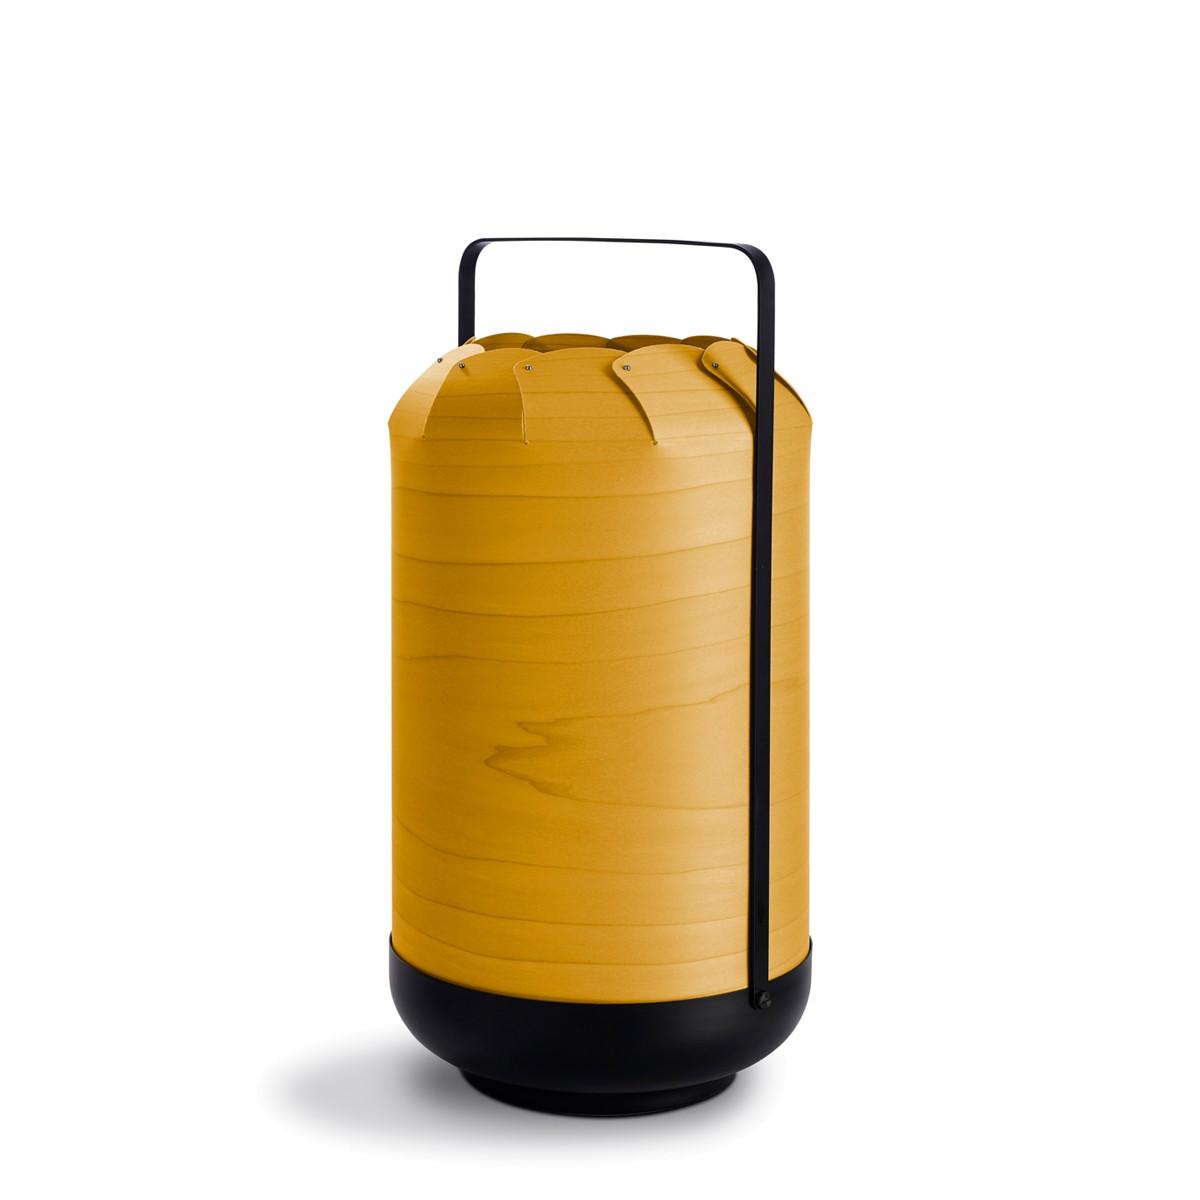 LZF Lamps Chou Tall Tischleuchte, gelb